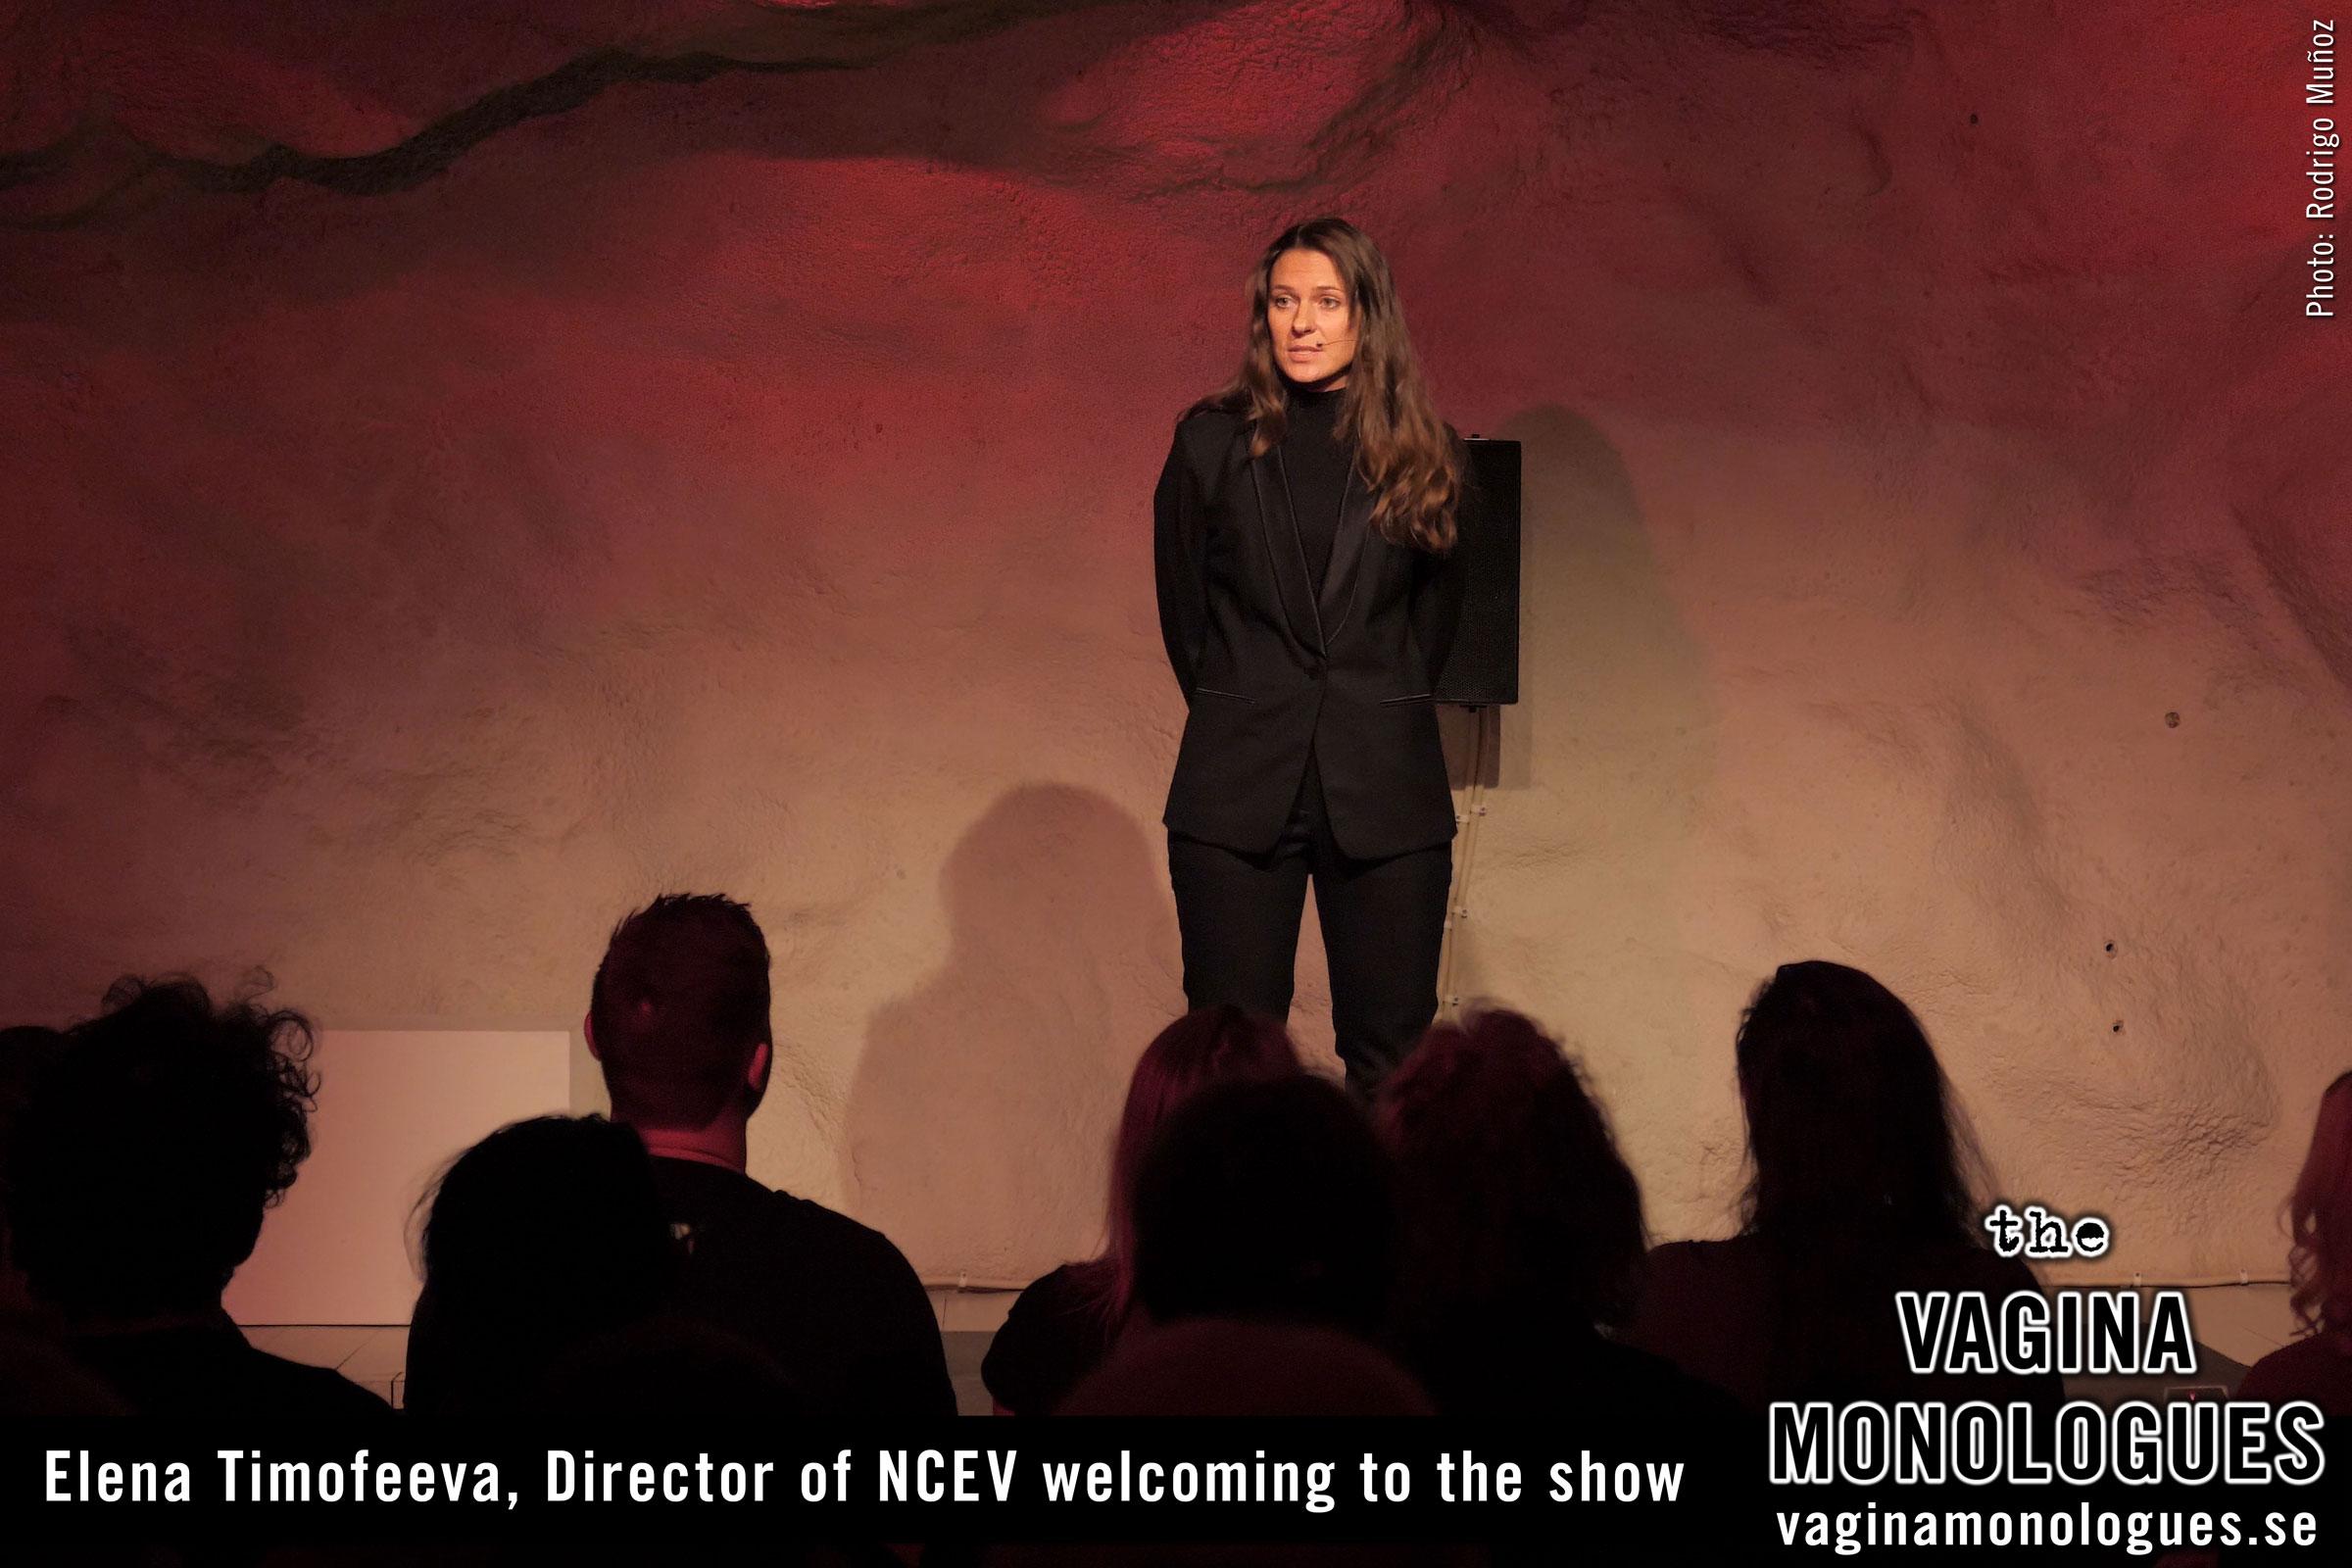 Elena Timofeeva welcoming to the show